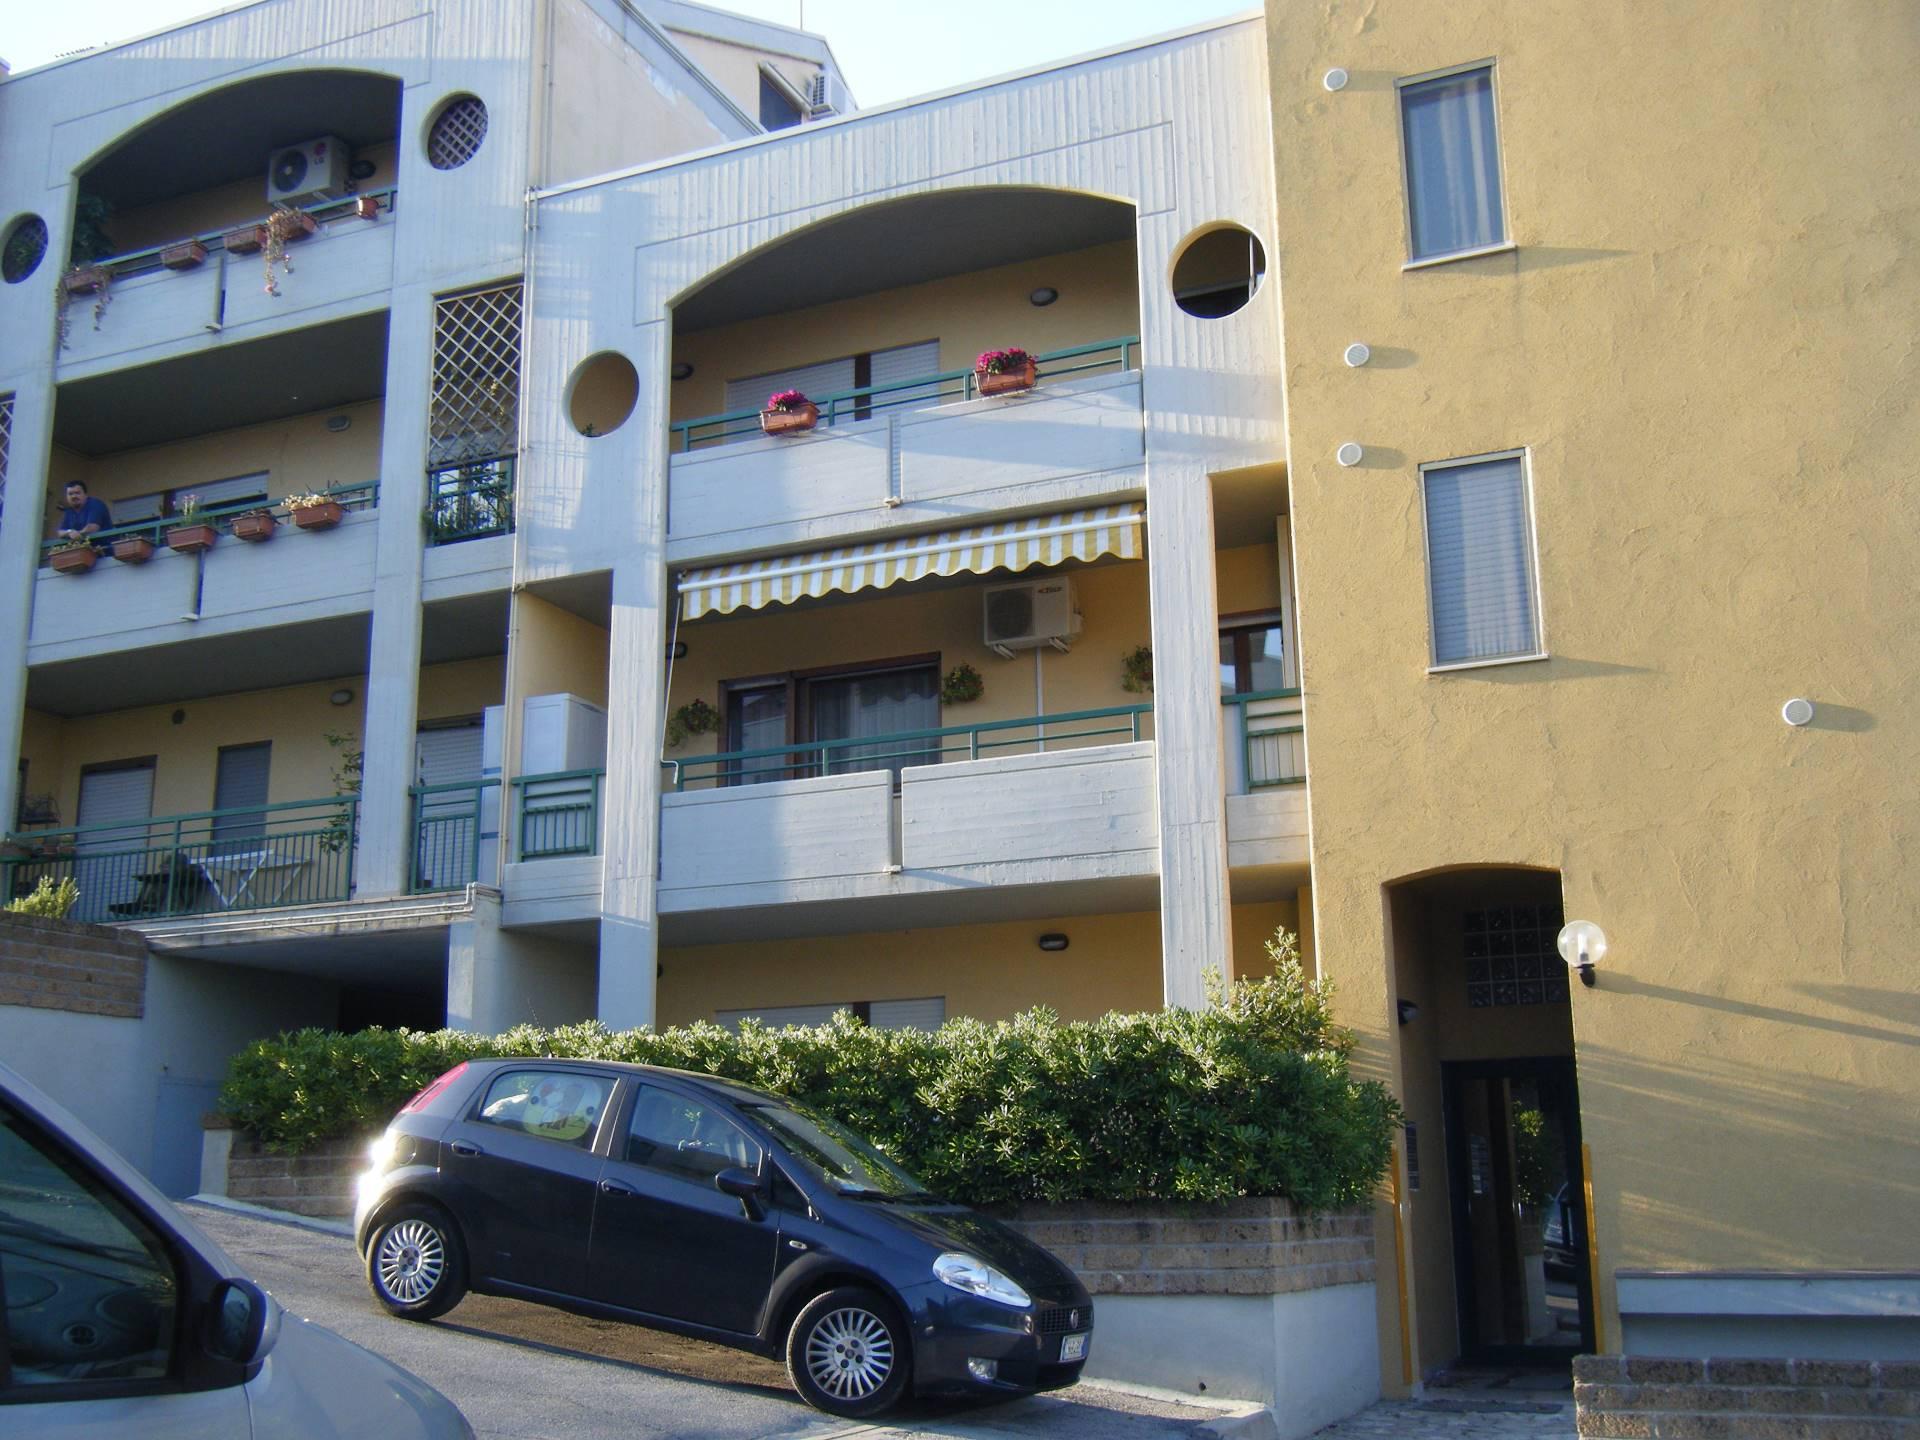 Appartamento in vendita a Vasto, 3 locali, zona Località: ZONASEMICENTRALE, prezzo € 86.000 | CambioCasa.it